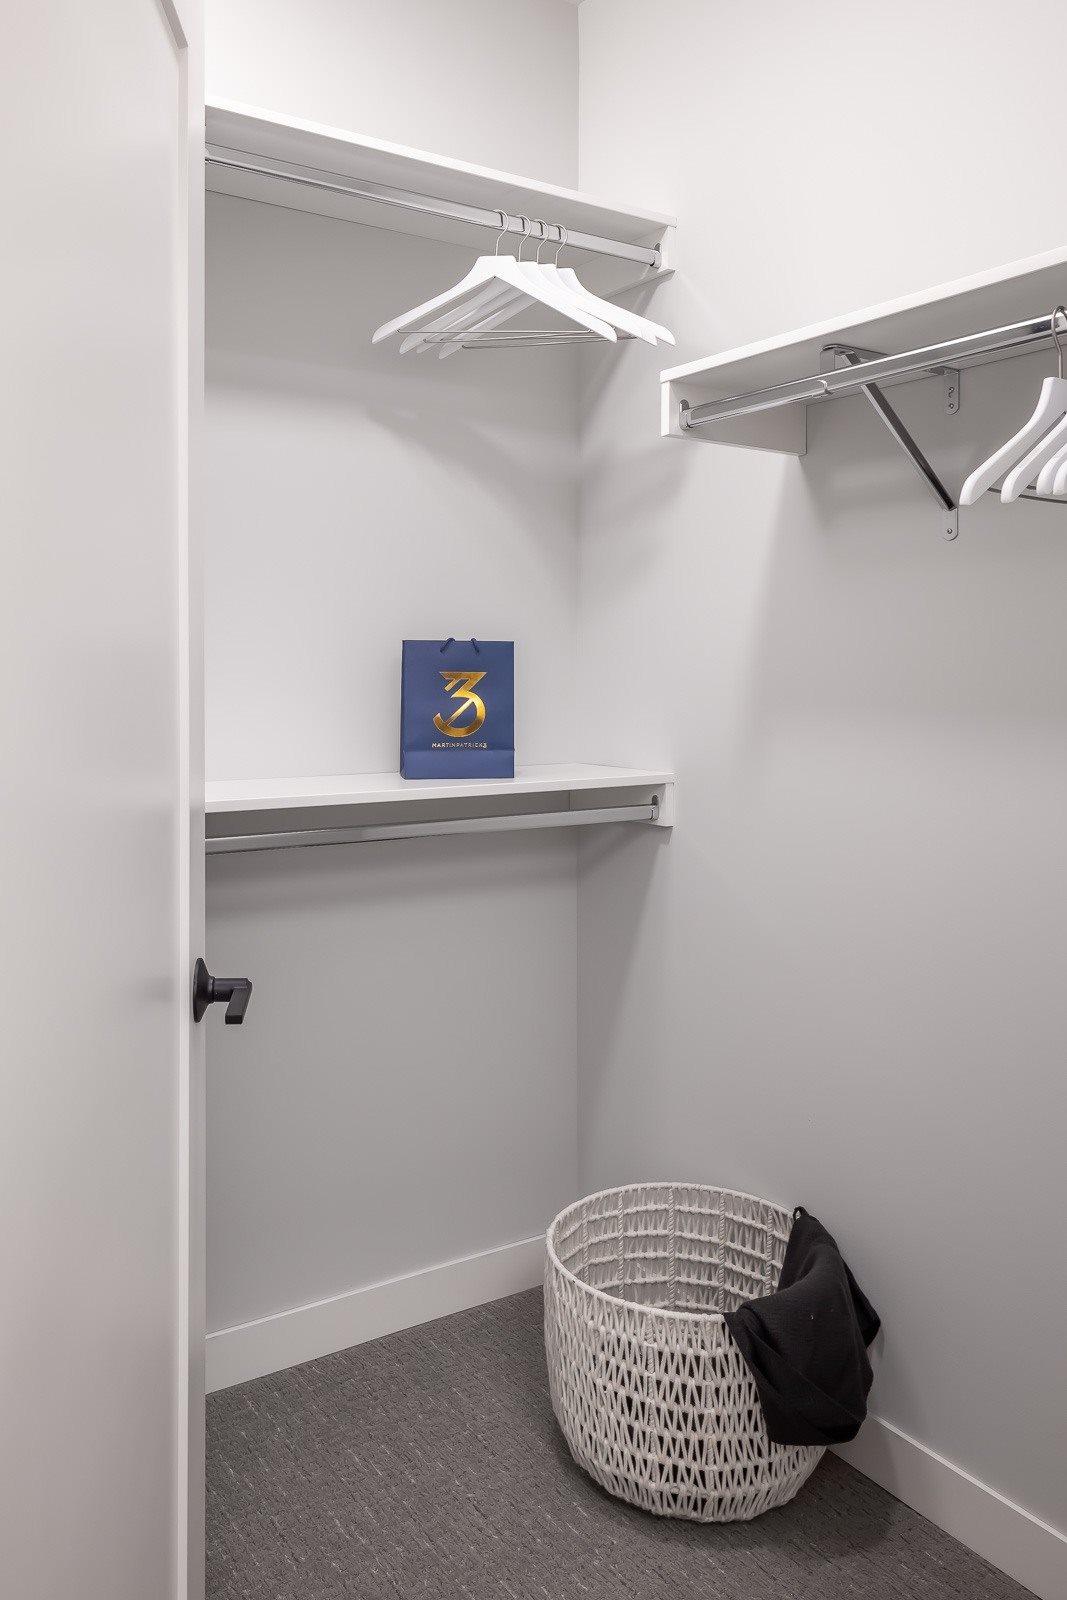 Custom closet built-ins in walk-in closet in one bedroom apartment unit